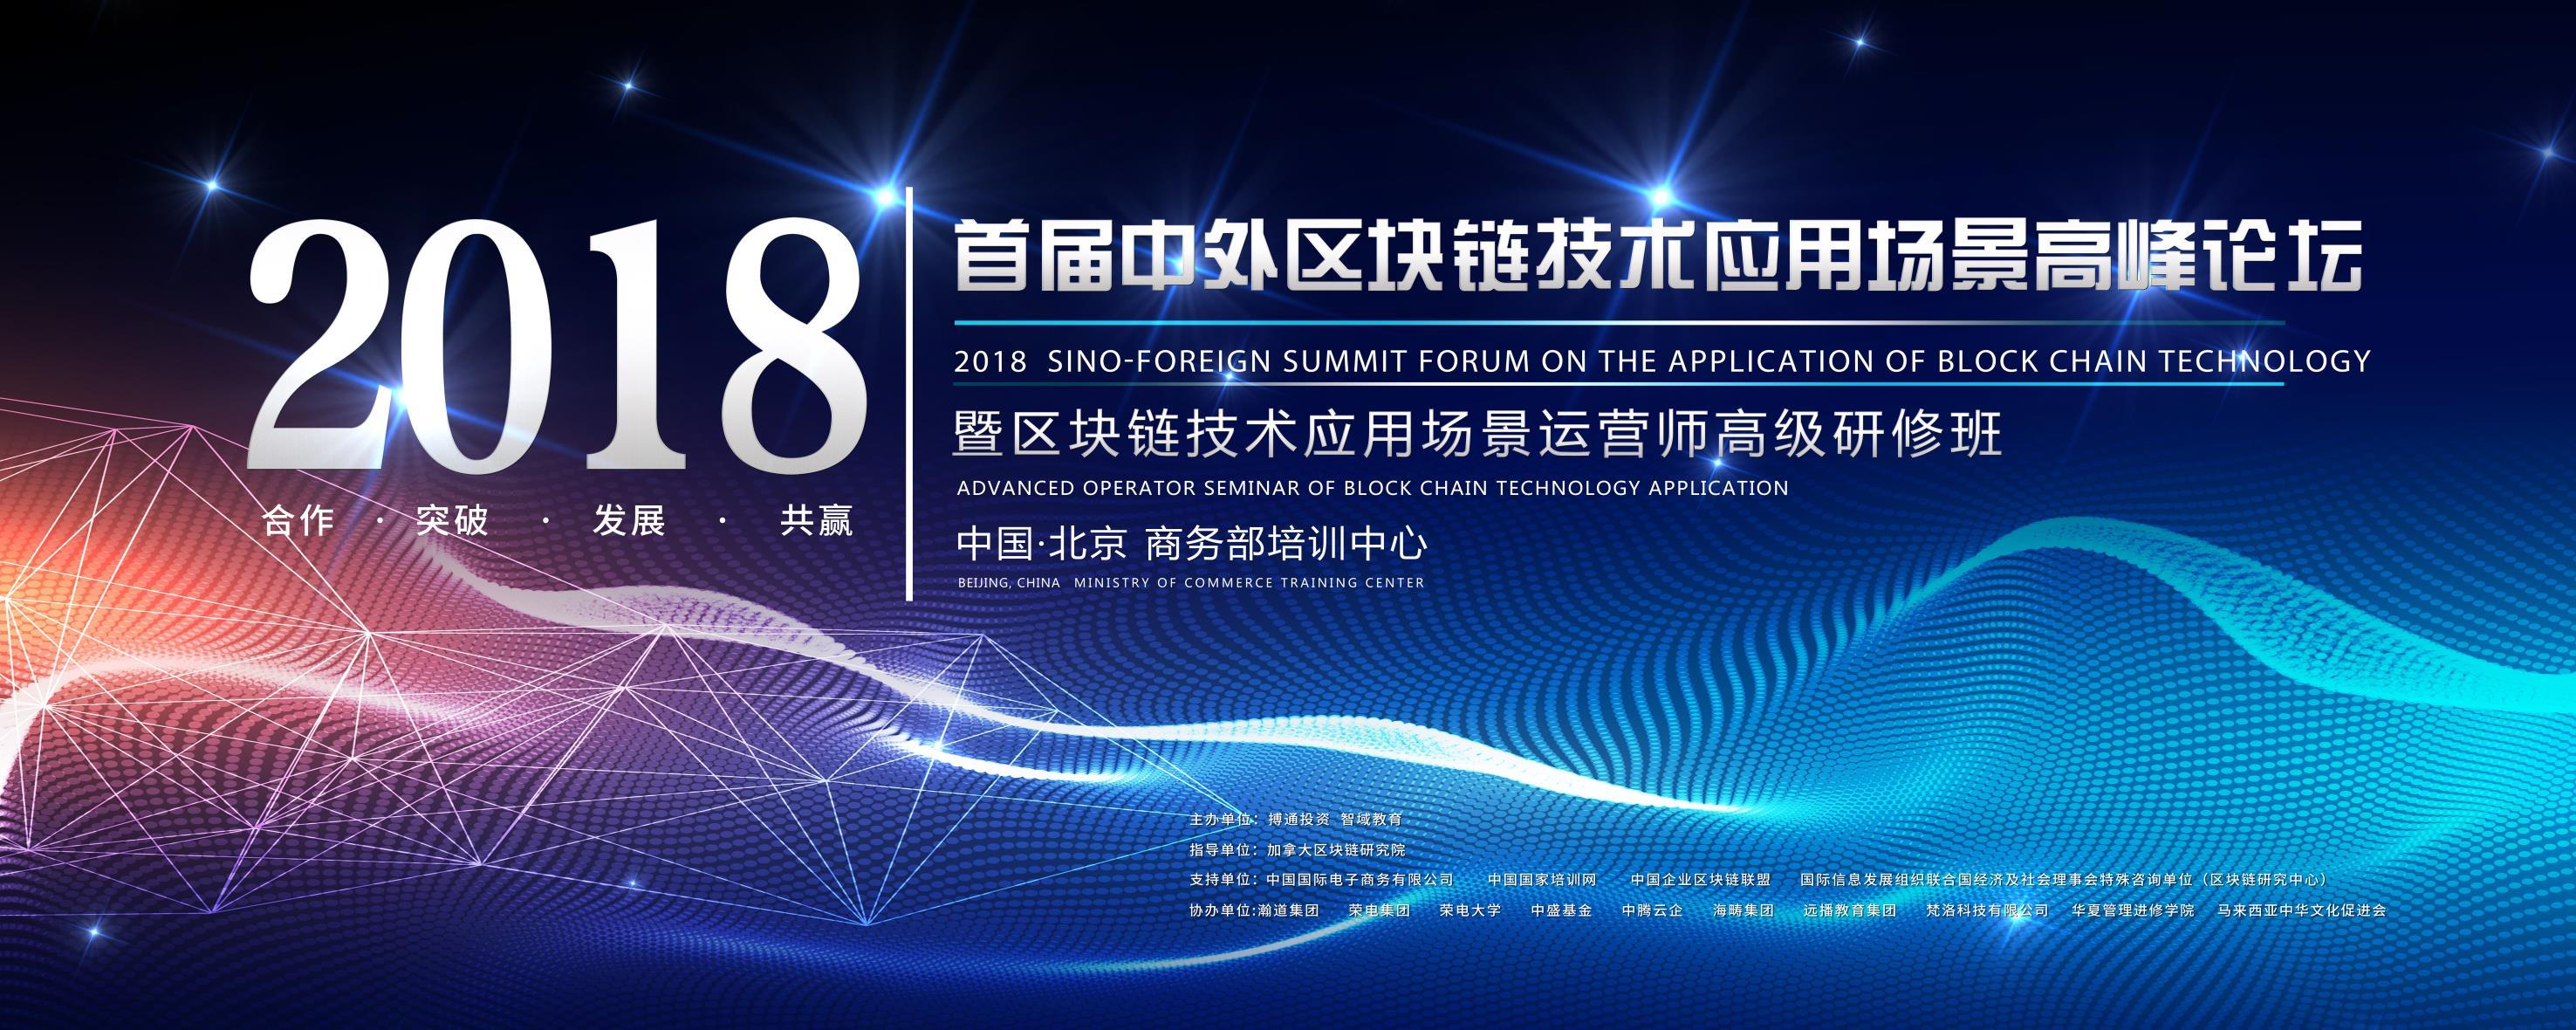 首届中外区块链技术应用场景高峰论坛在京隆重召开